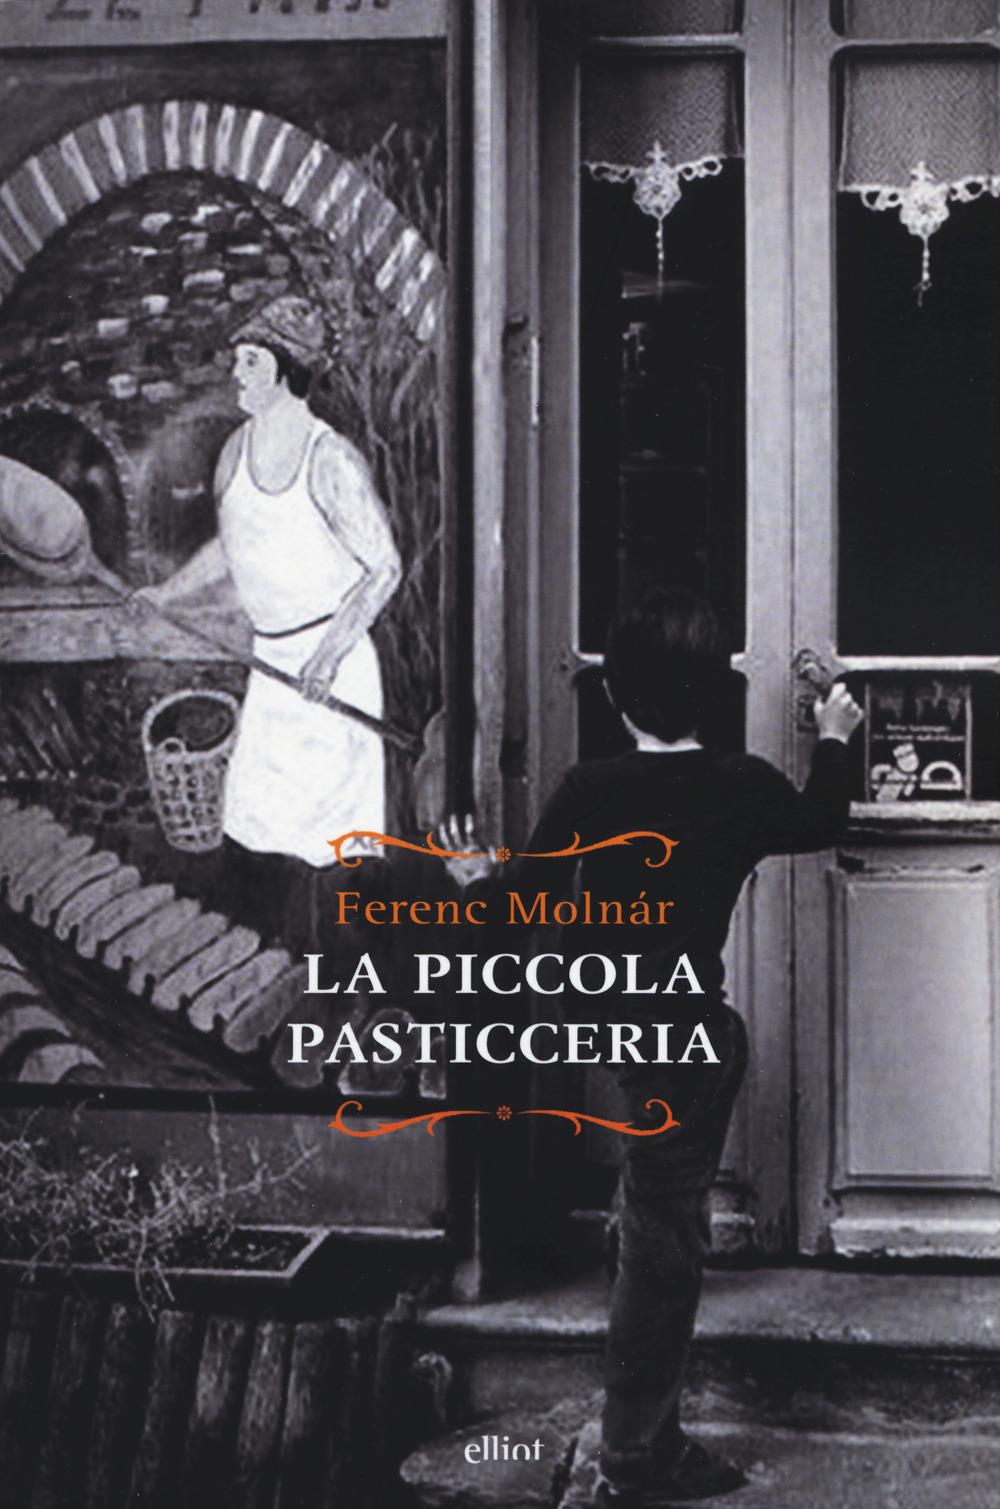 Image of La piccola pasticceria